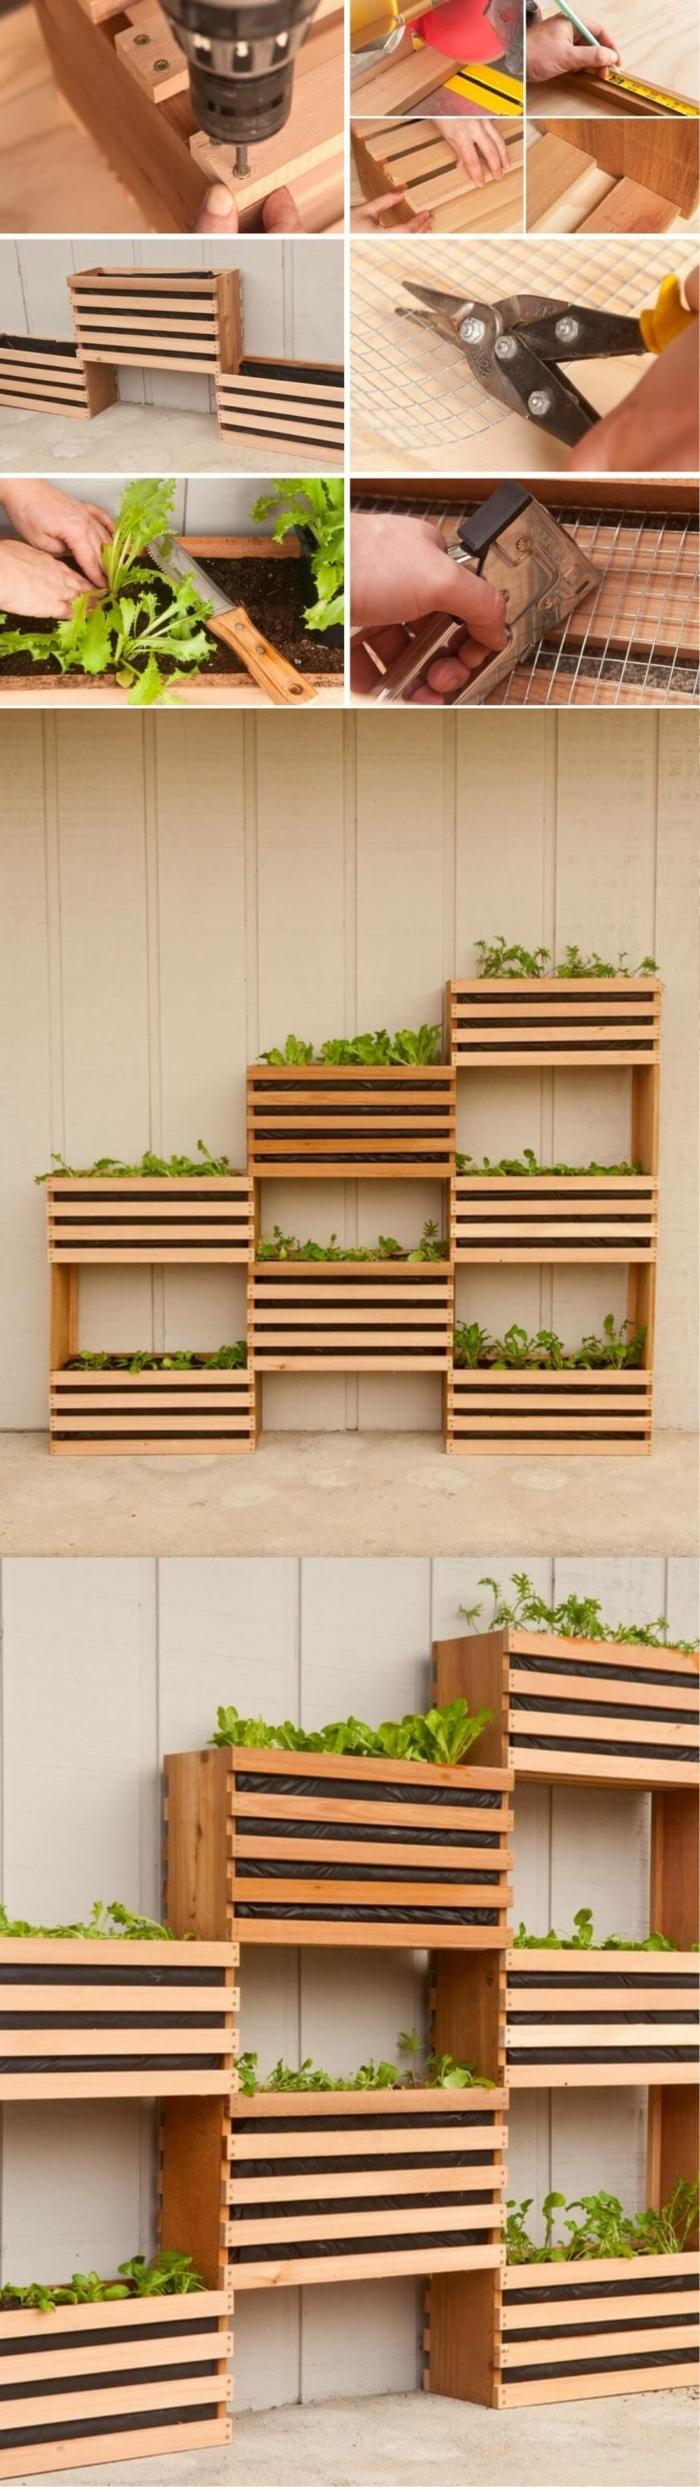 crer des bacs de jardin avec des palettes perfect comment fabriquer un salon de jardin avec des. Black Bedroom Furniture Sets. Home Design Ideas